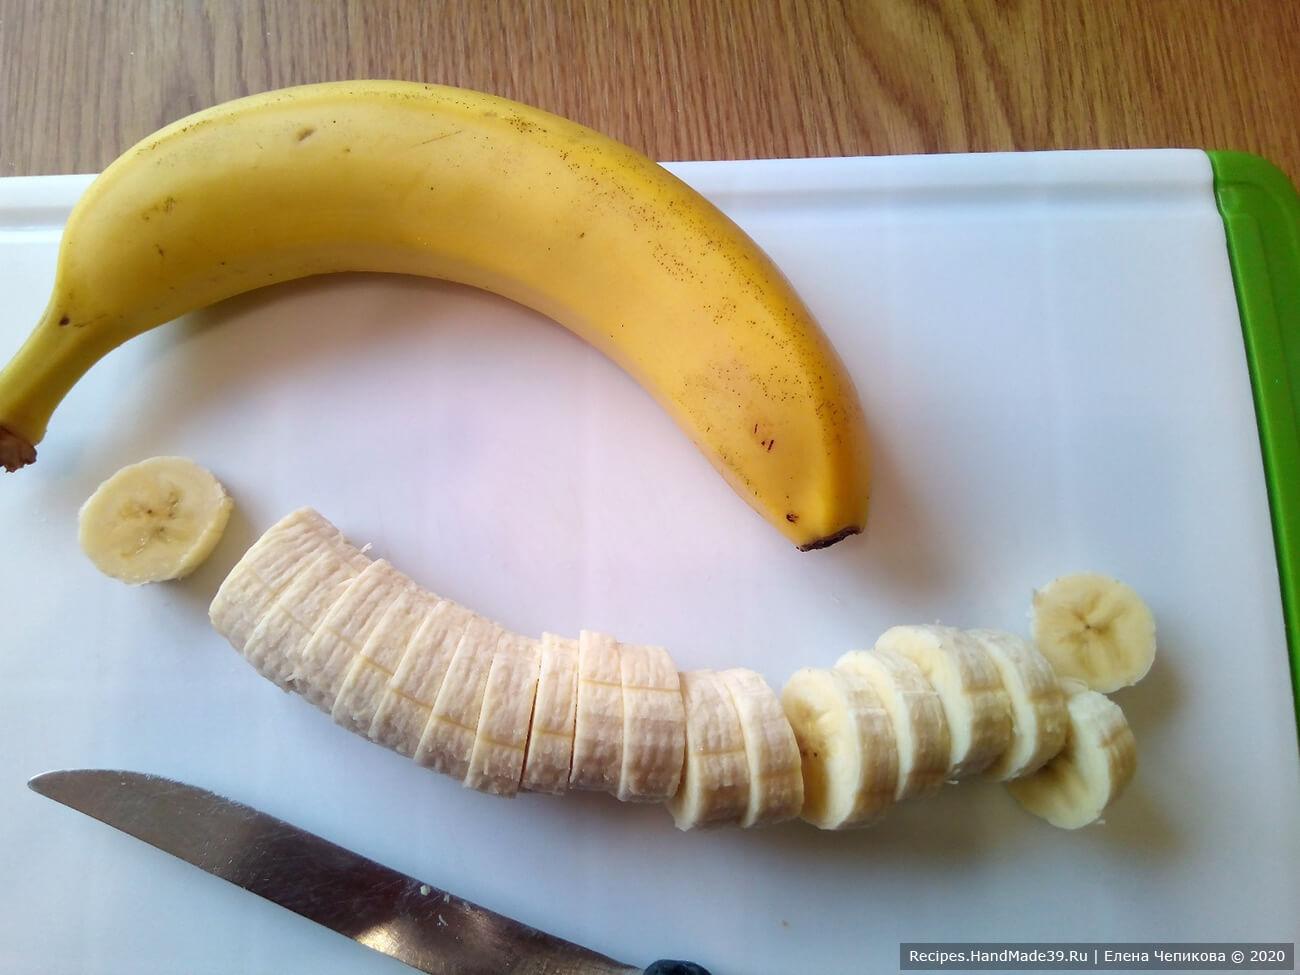 Бананы очистить, нарезать на кусочки